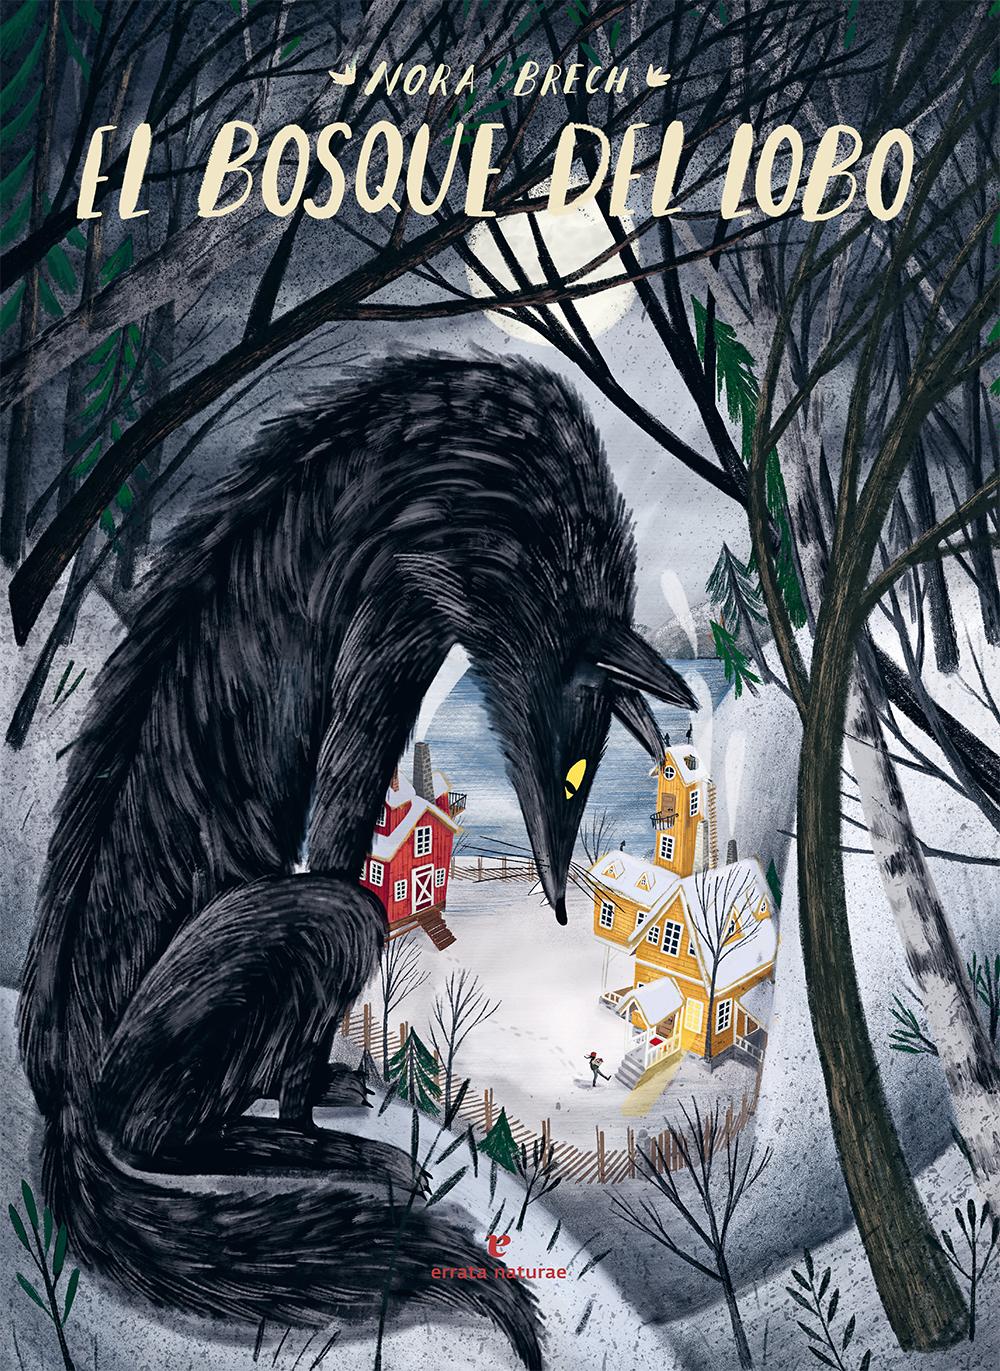 El bosque del lobo